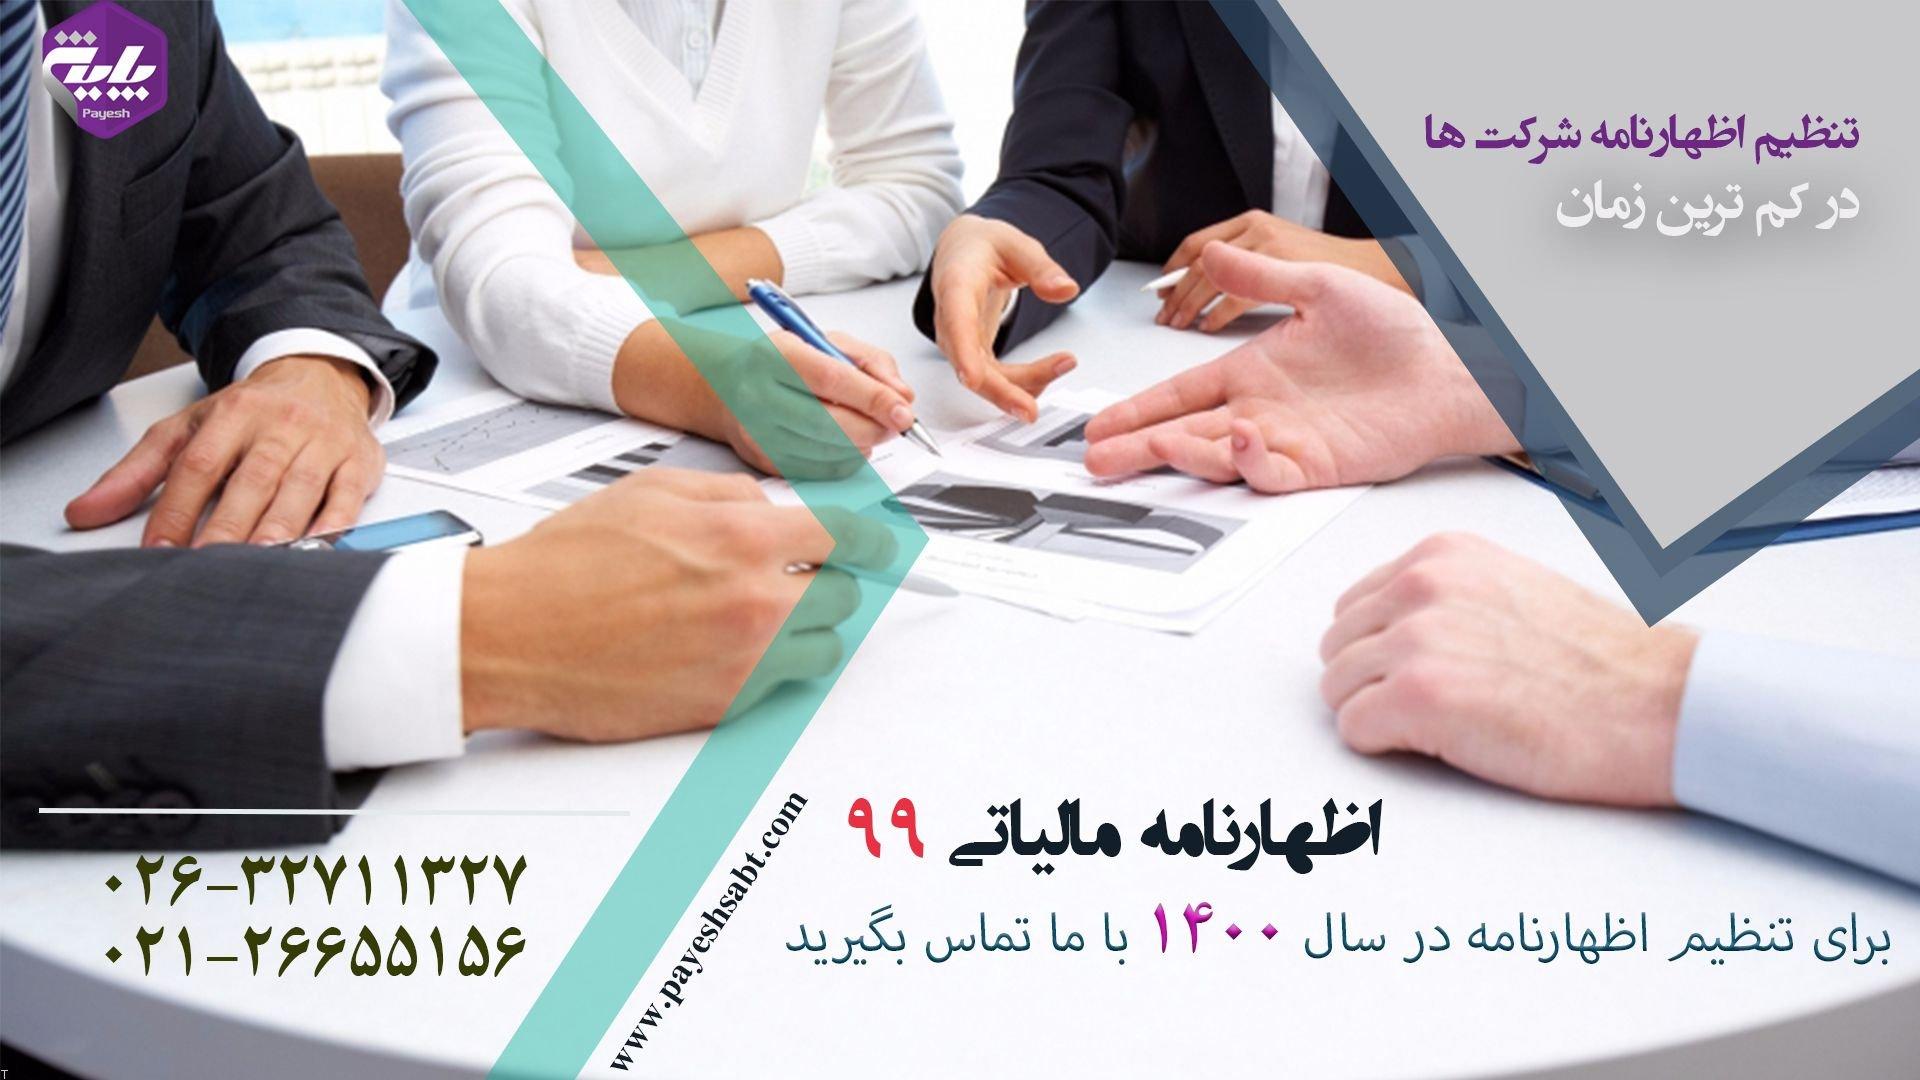 راهنمای ثبت شرکت در موسسه حقوقی پایش